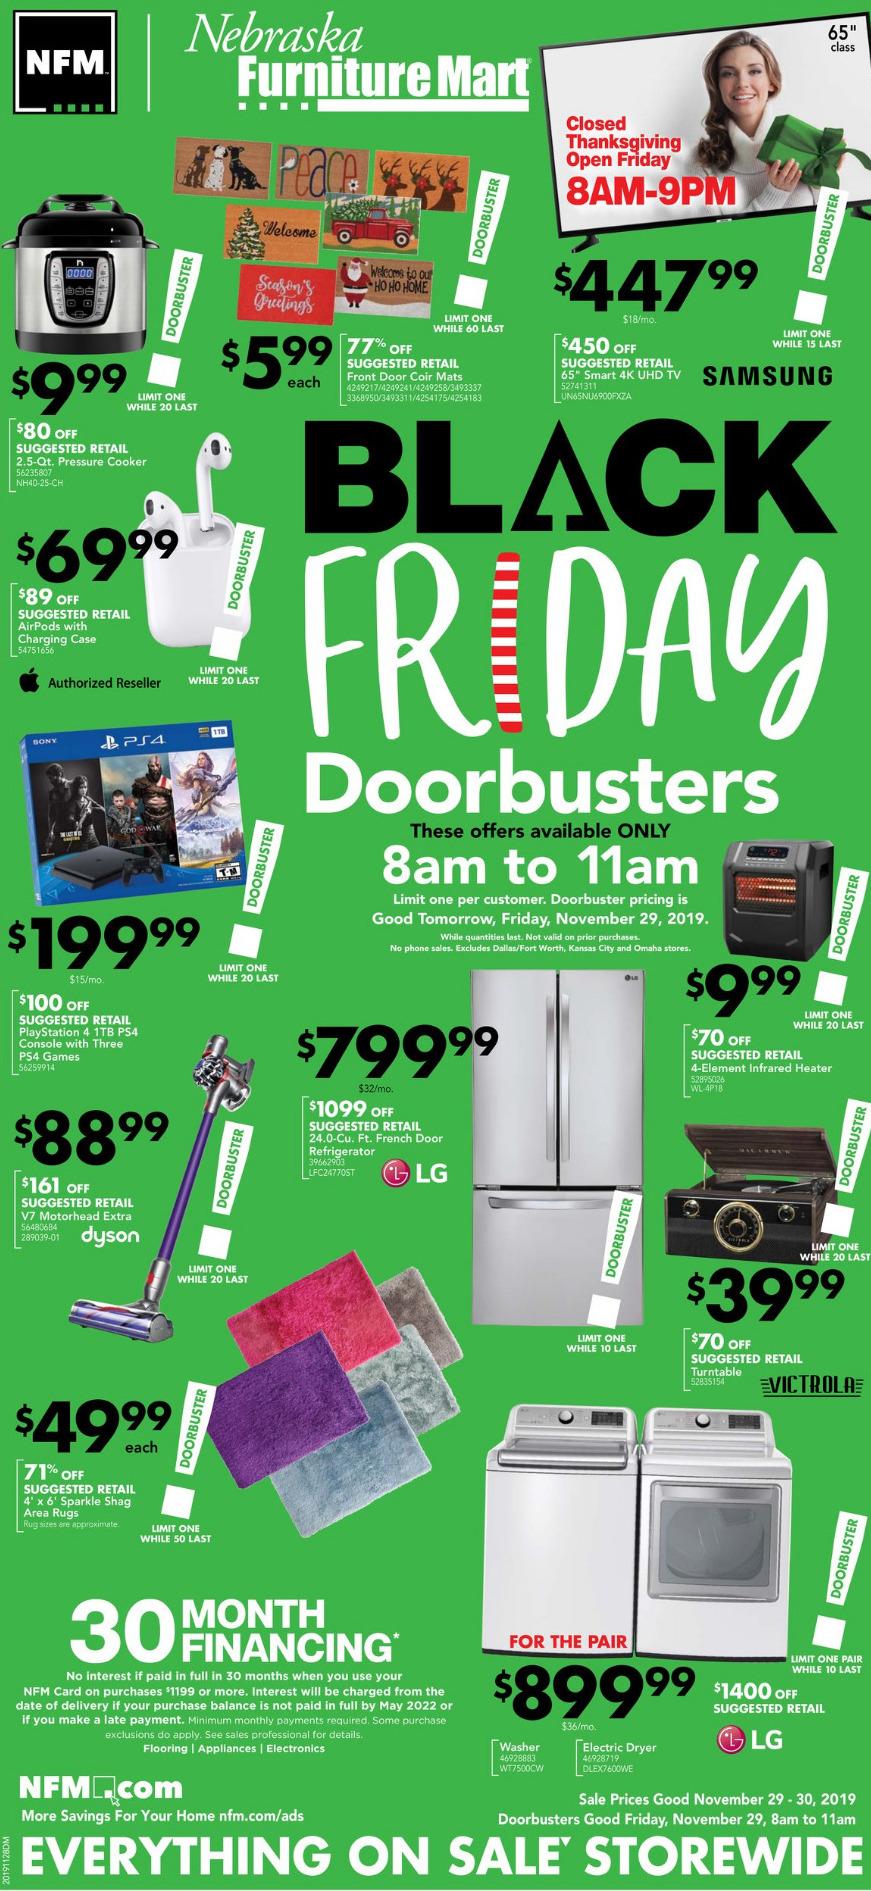 Nebraska Furniture Mart 13 Black Friday Ad (With images